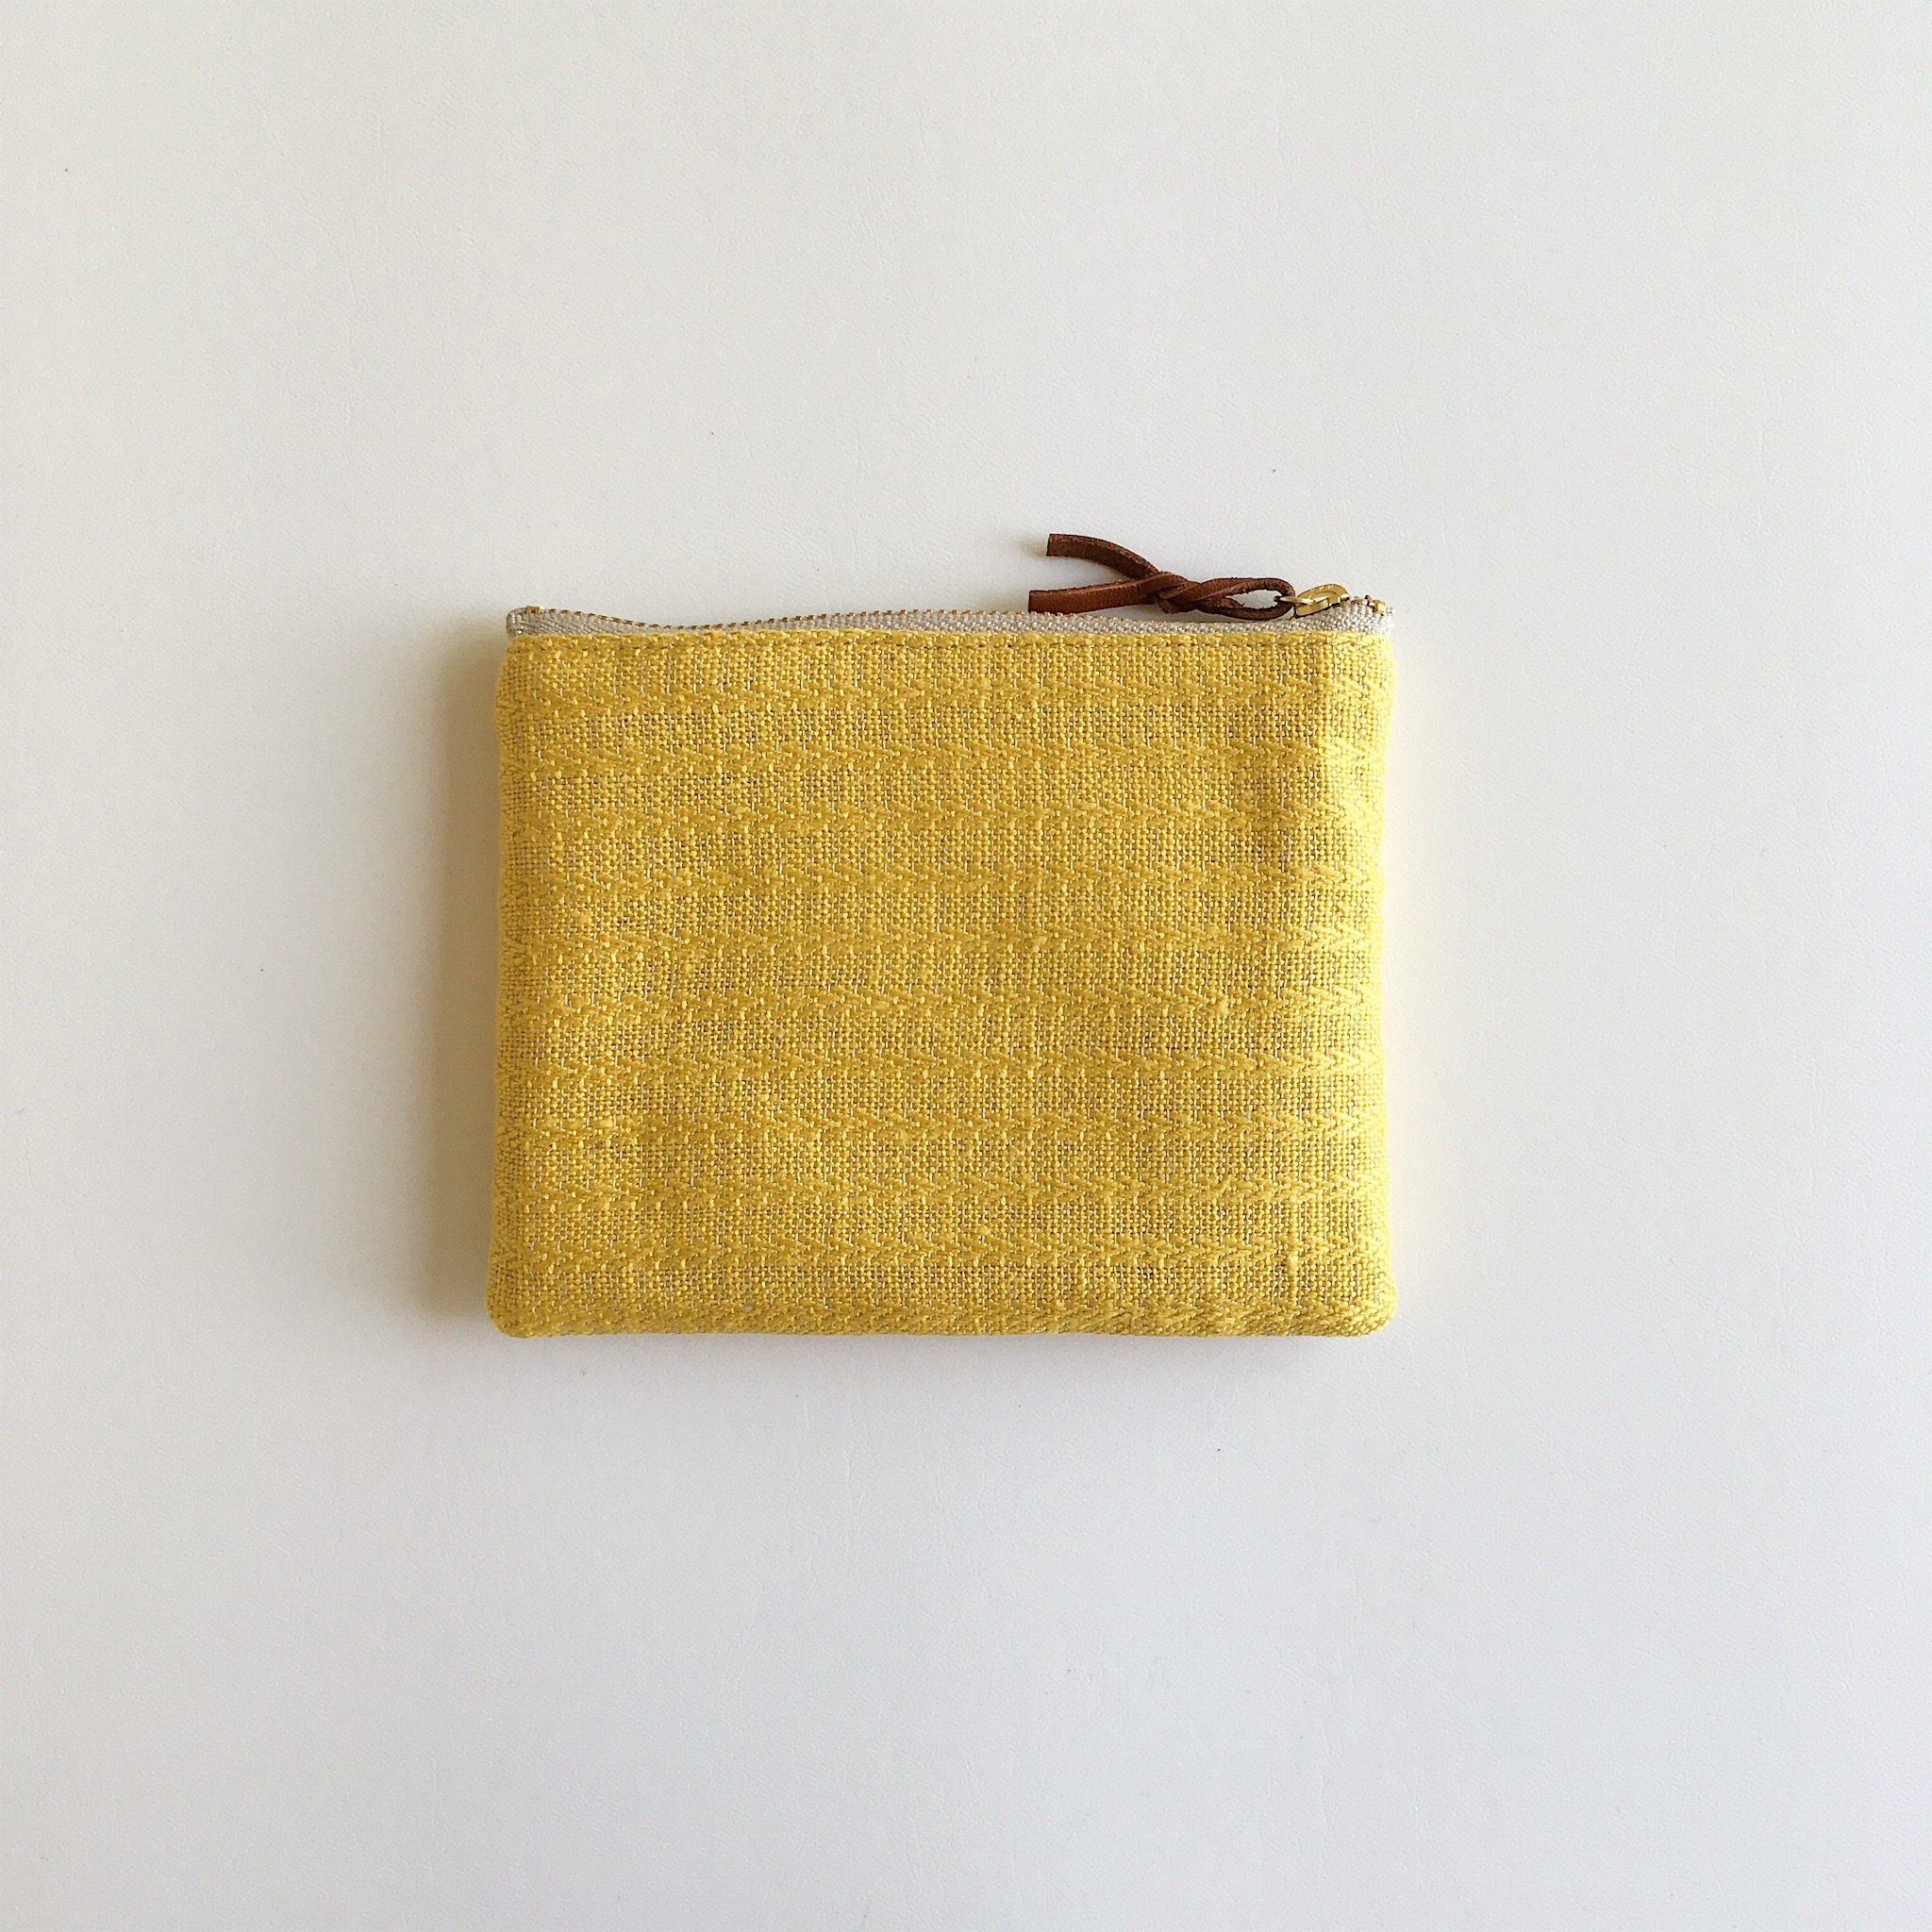 手織りミニポーチ(Accessory case 14cm Yellow Alinea)